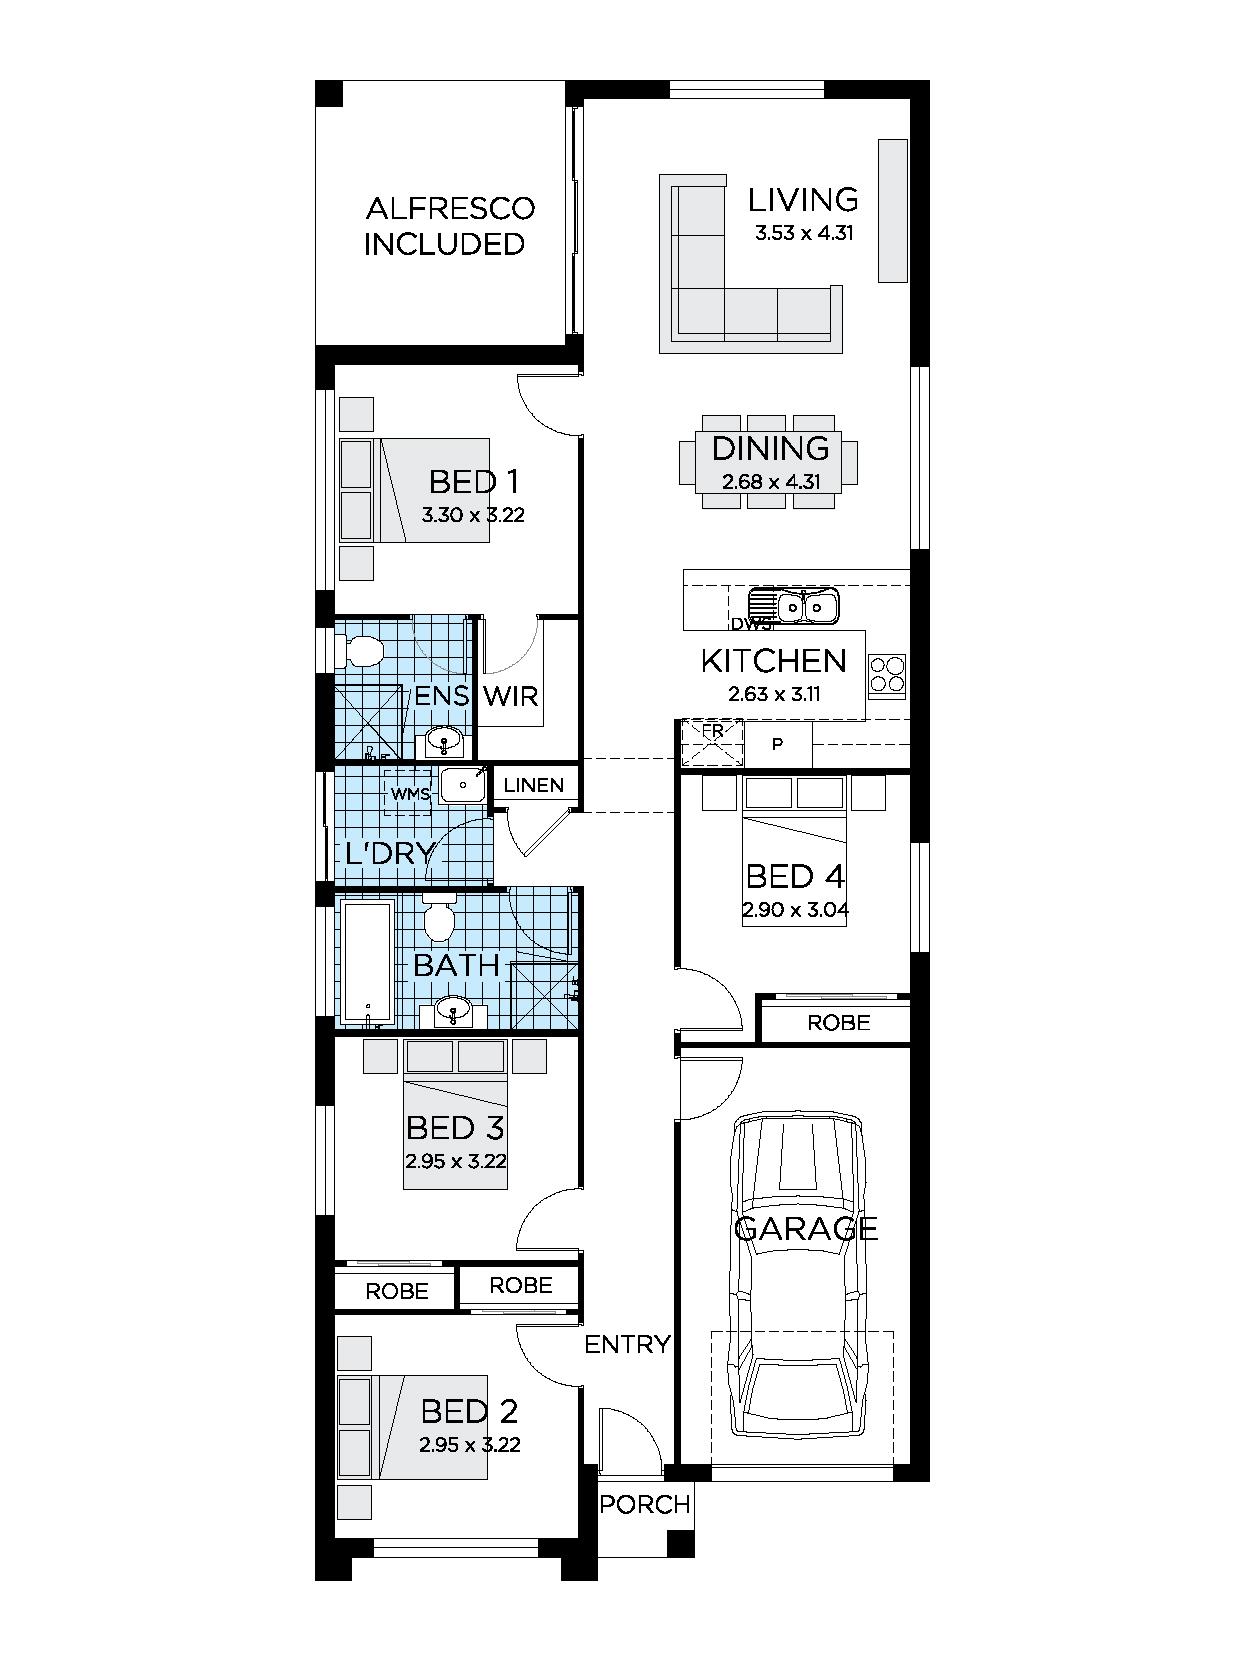 Home Designs | 3-5 Bedroom Modern House Designs | Thrive Homes on new house design plans, floating dock plans, biltmore estate elevation plans, vardo camper plans,